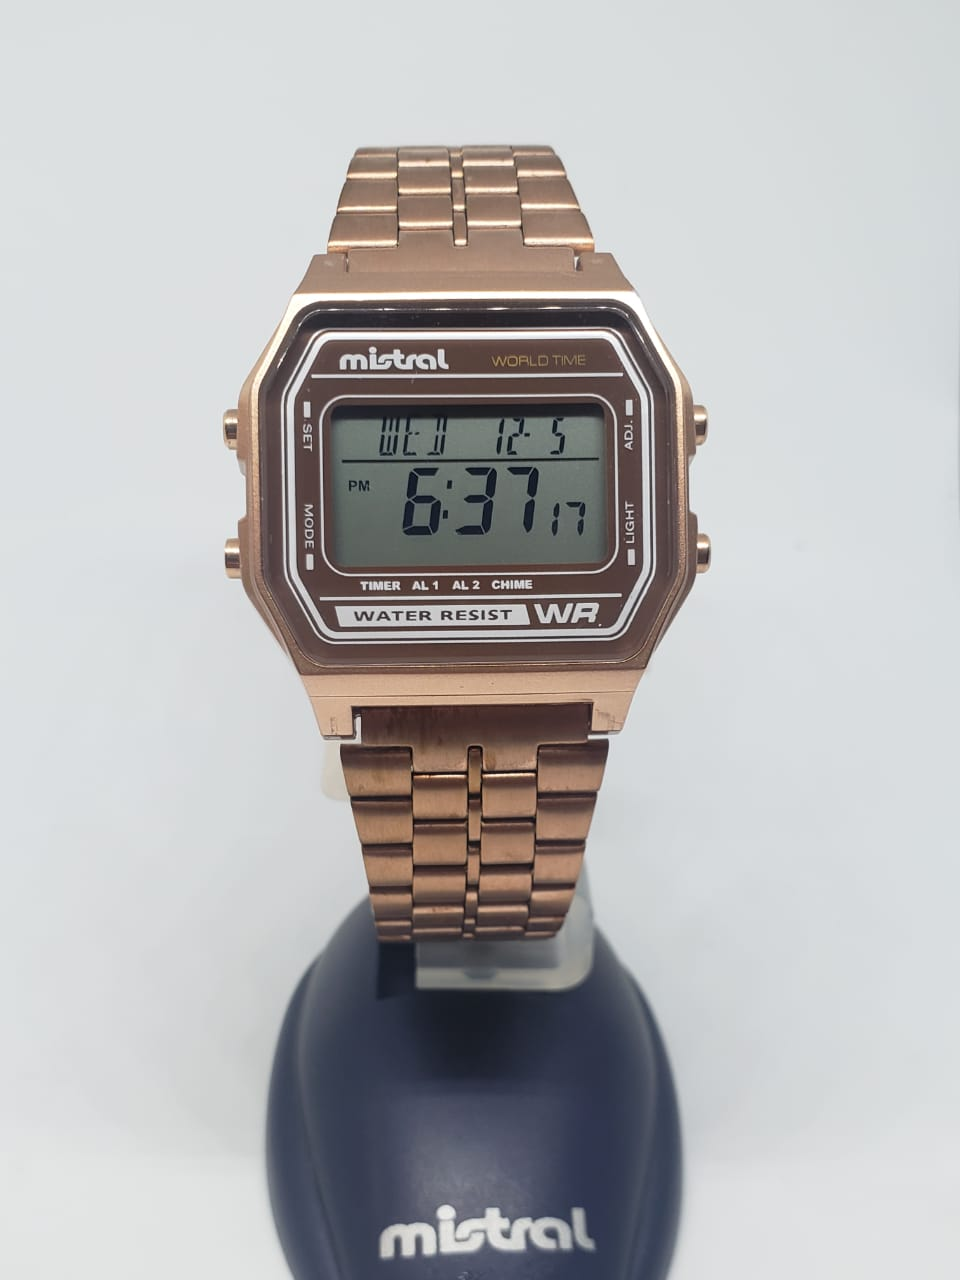 comprar online 53118 cc49f Reloj Mistral caballero digital Vintage